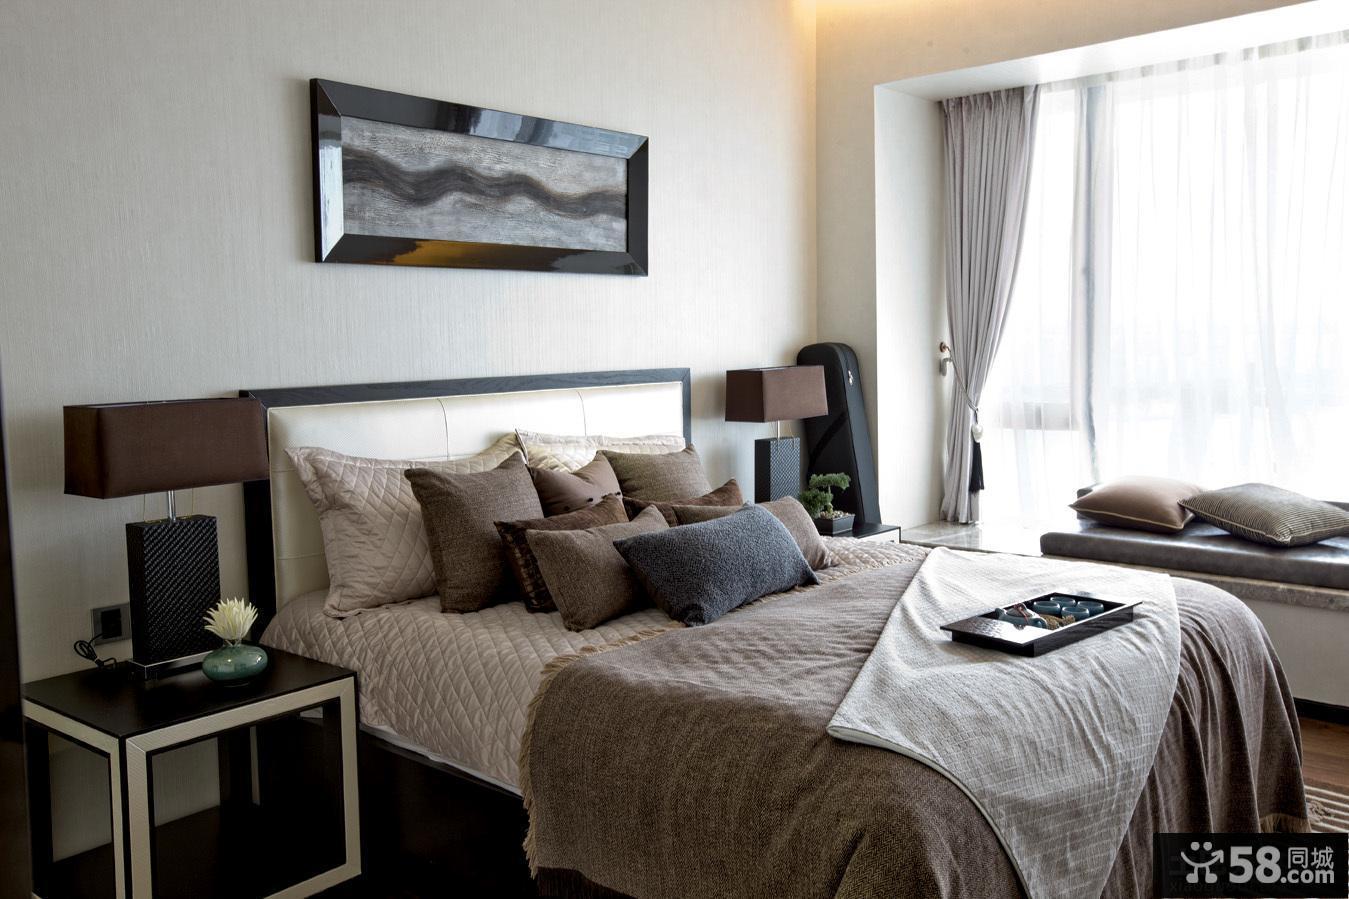 简约现代风格卧室装修效果图欣赏